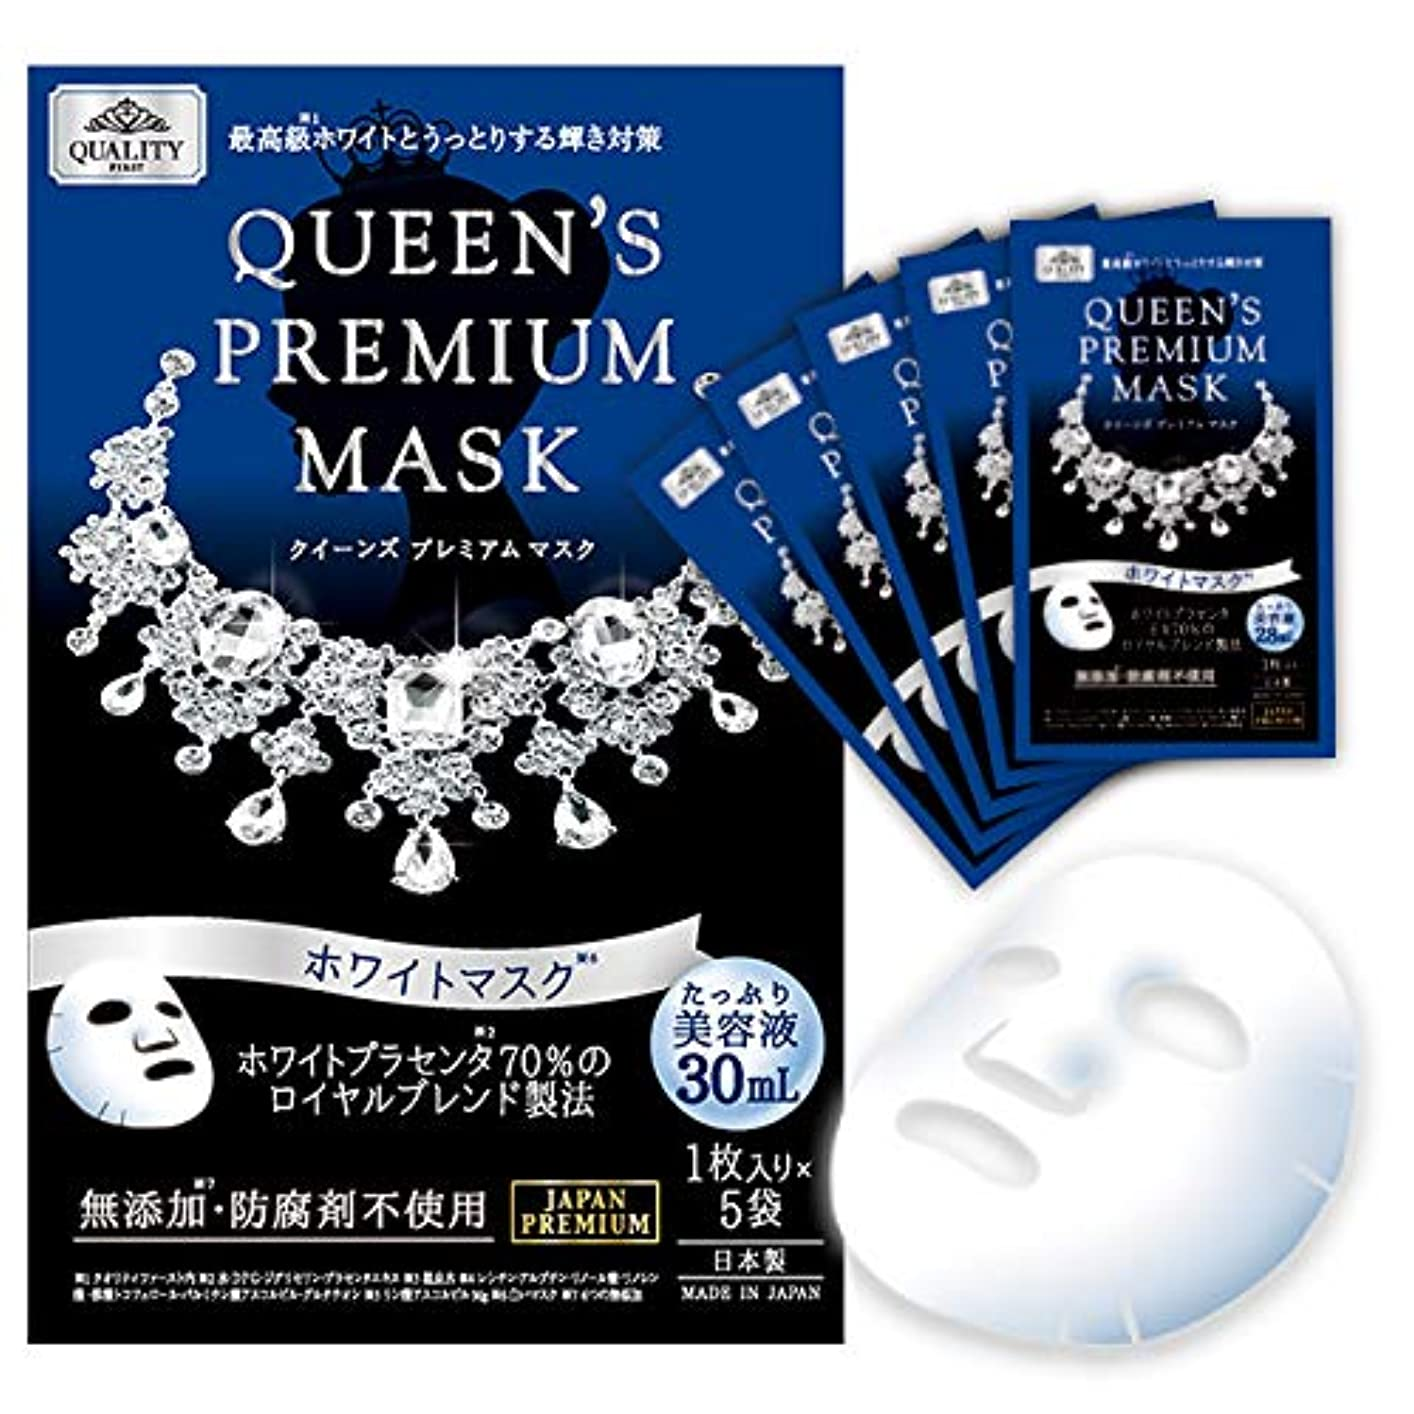 期待してつぶやき作曲するクイーンズプレミアムマスク ホワイトマスク 5枚入 3箱セット